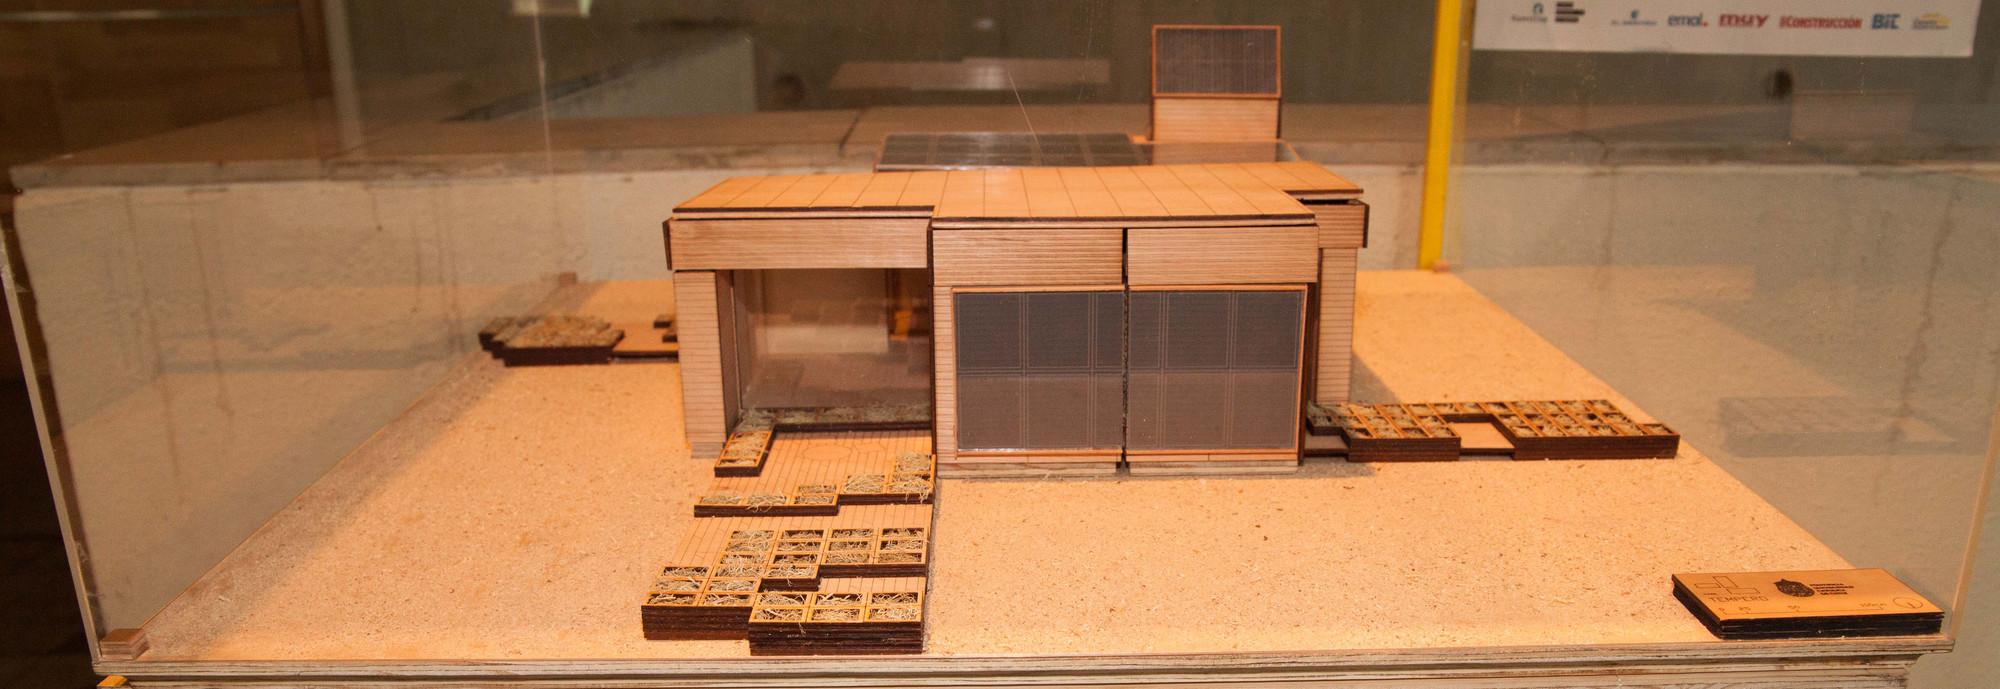 Casa Témpero. Universidad Católica. Image Cortesia de Construye Solar